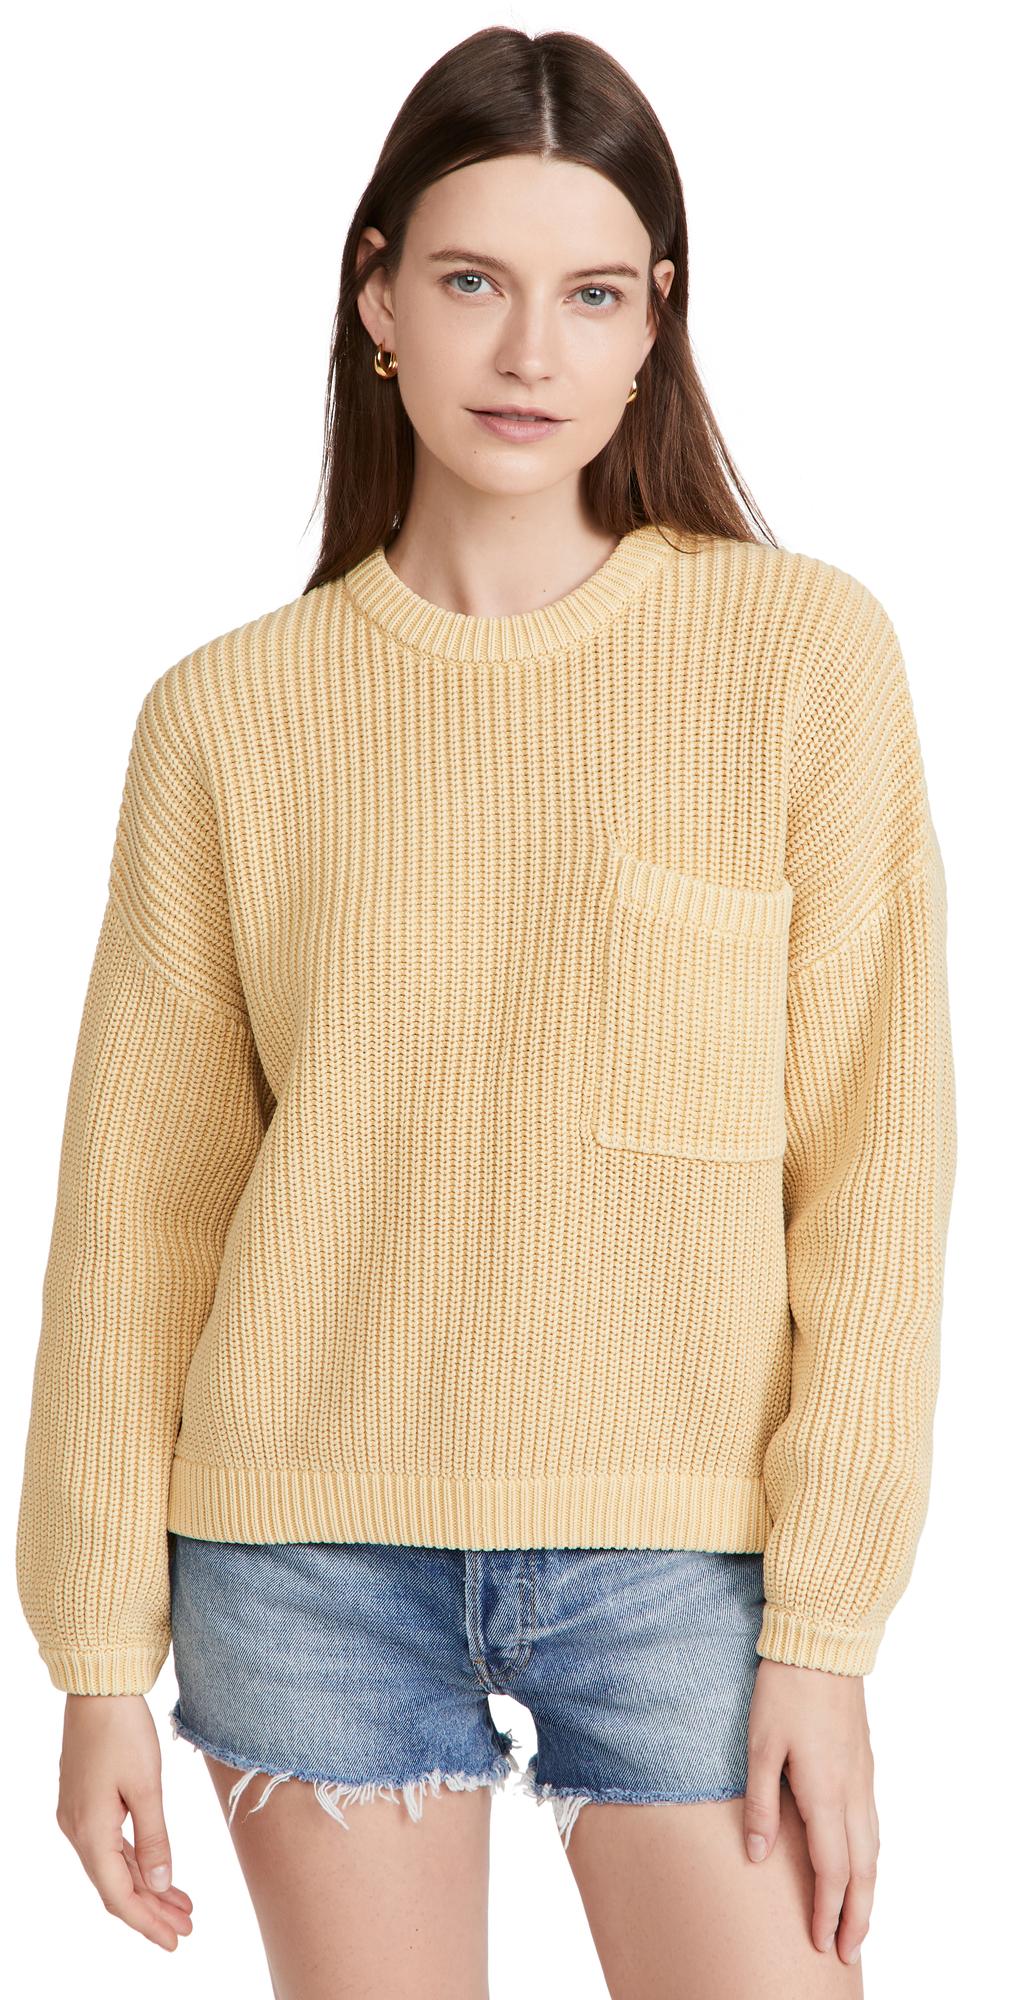 Grant Cotton Sweater